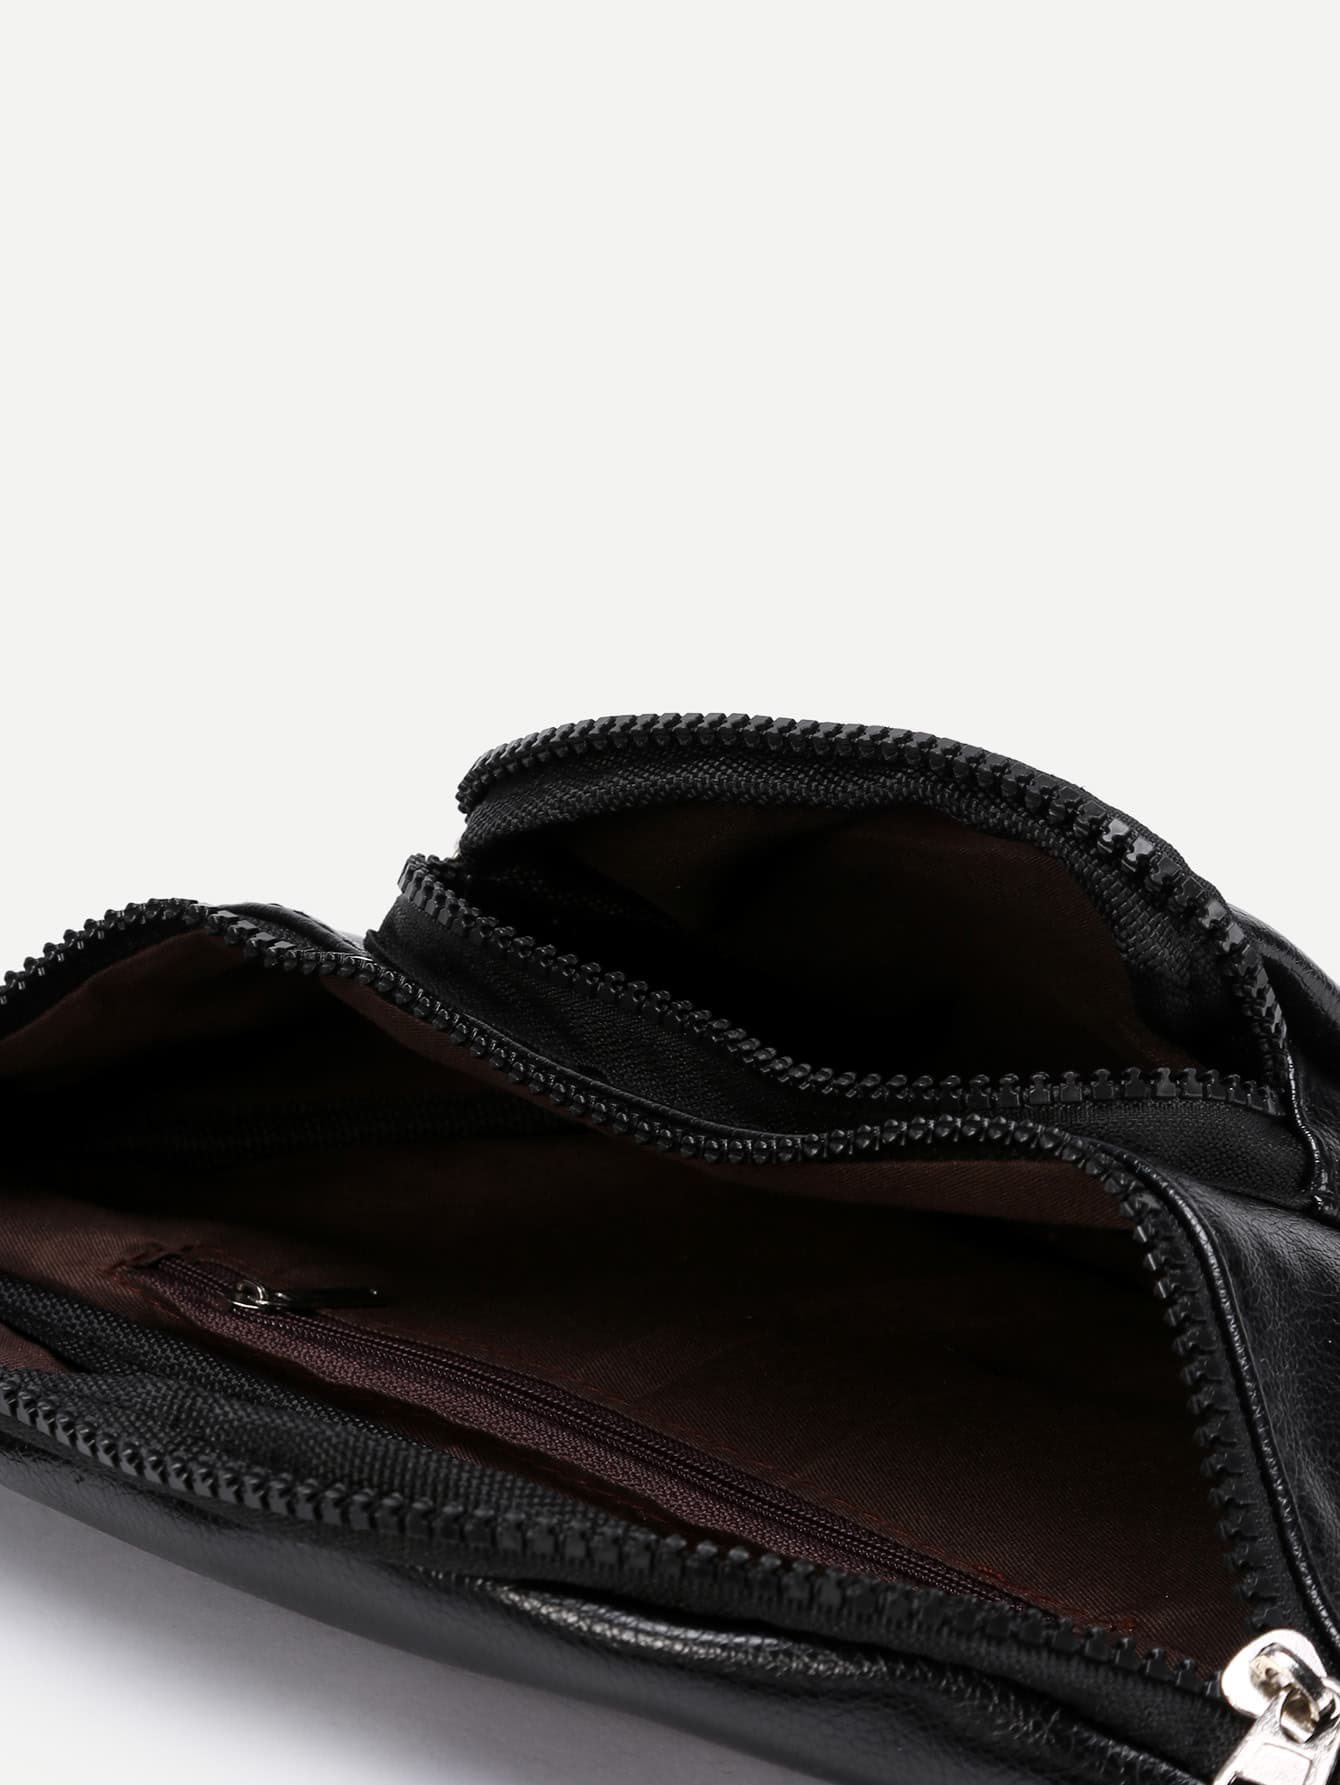 pu gammler tasche mit rei verschluss und tasche german shein sheinside. Black Bedroom Furniture Sets. Home Design Ideas